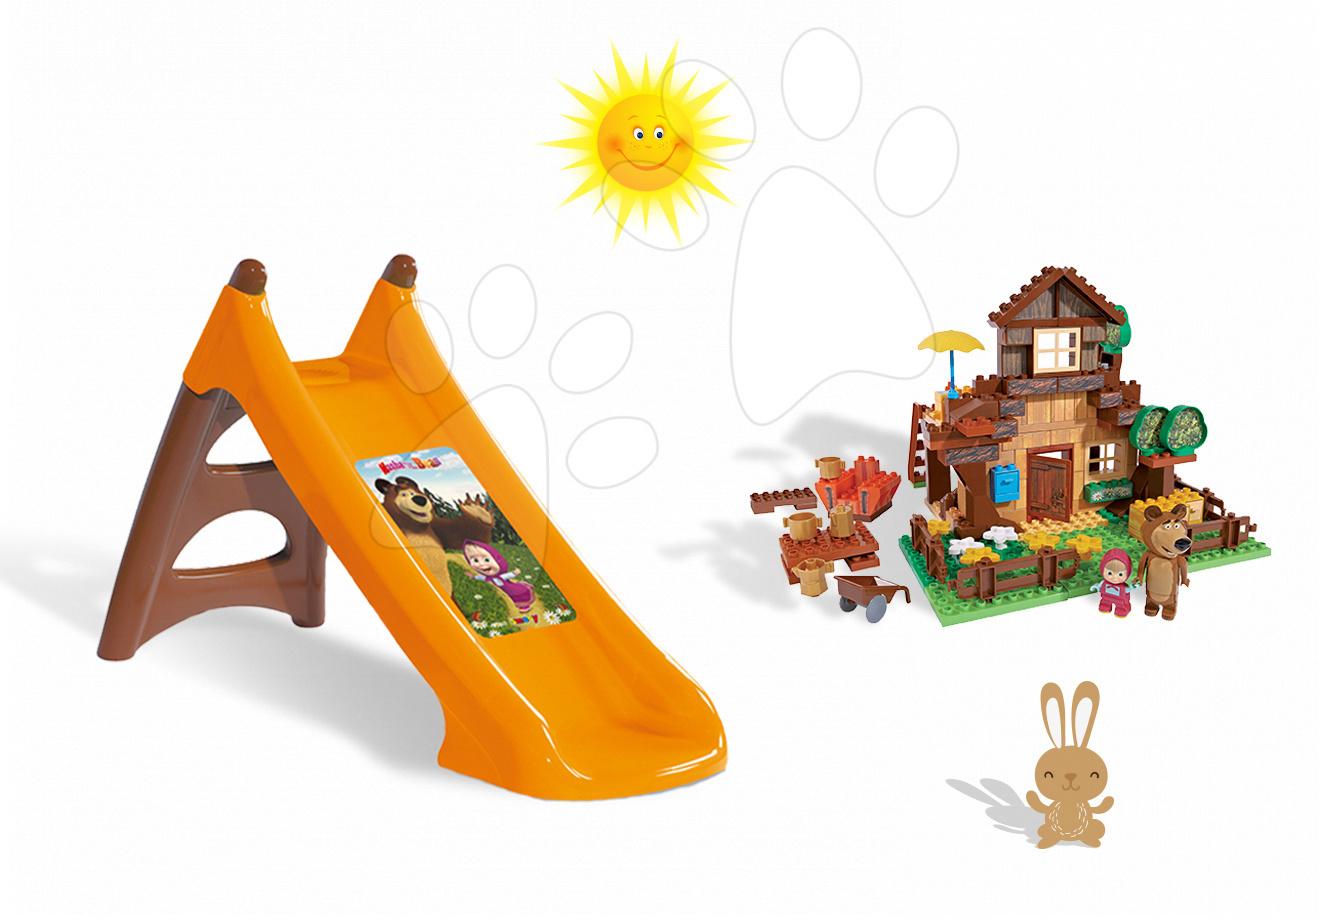 Staré položky - Set skluzavka Máša a medvěd Toboggan XS Smoby délka 90 cm a stavebnice PlayBIG Bloxx domeček 162 dílů od 24 měsíců